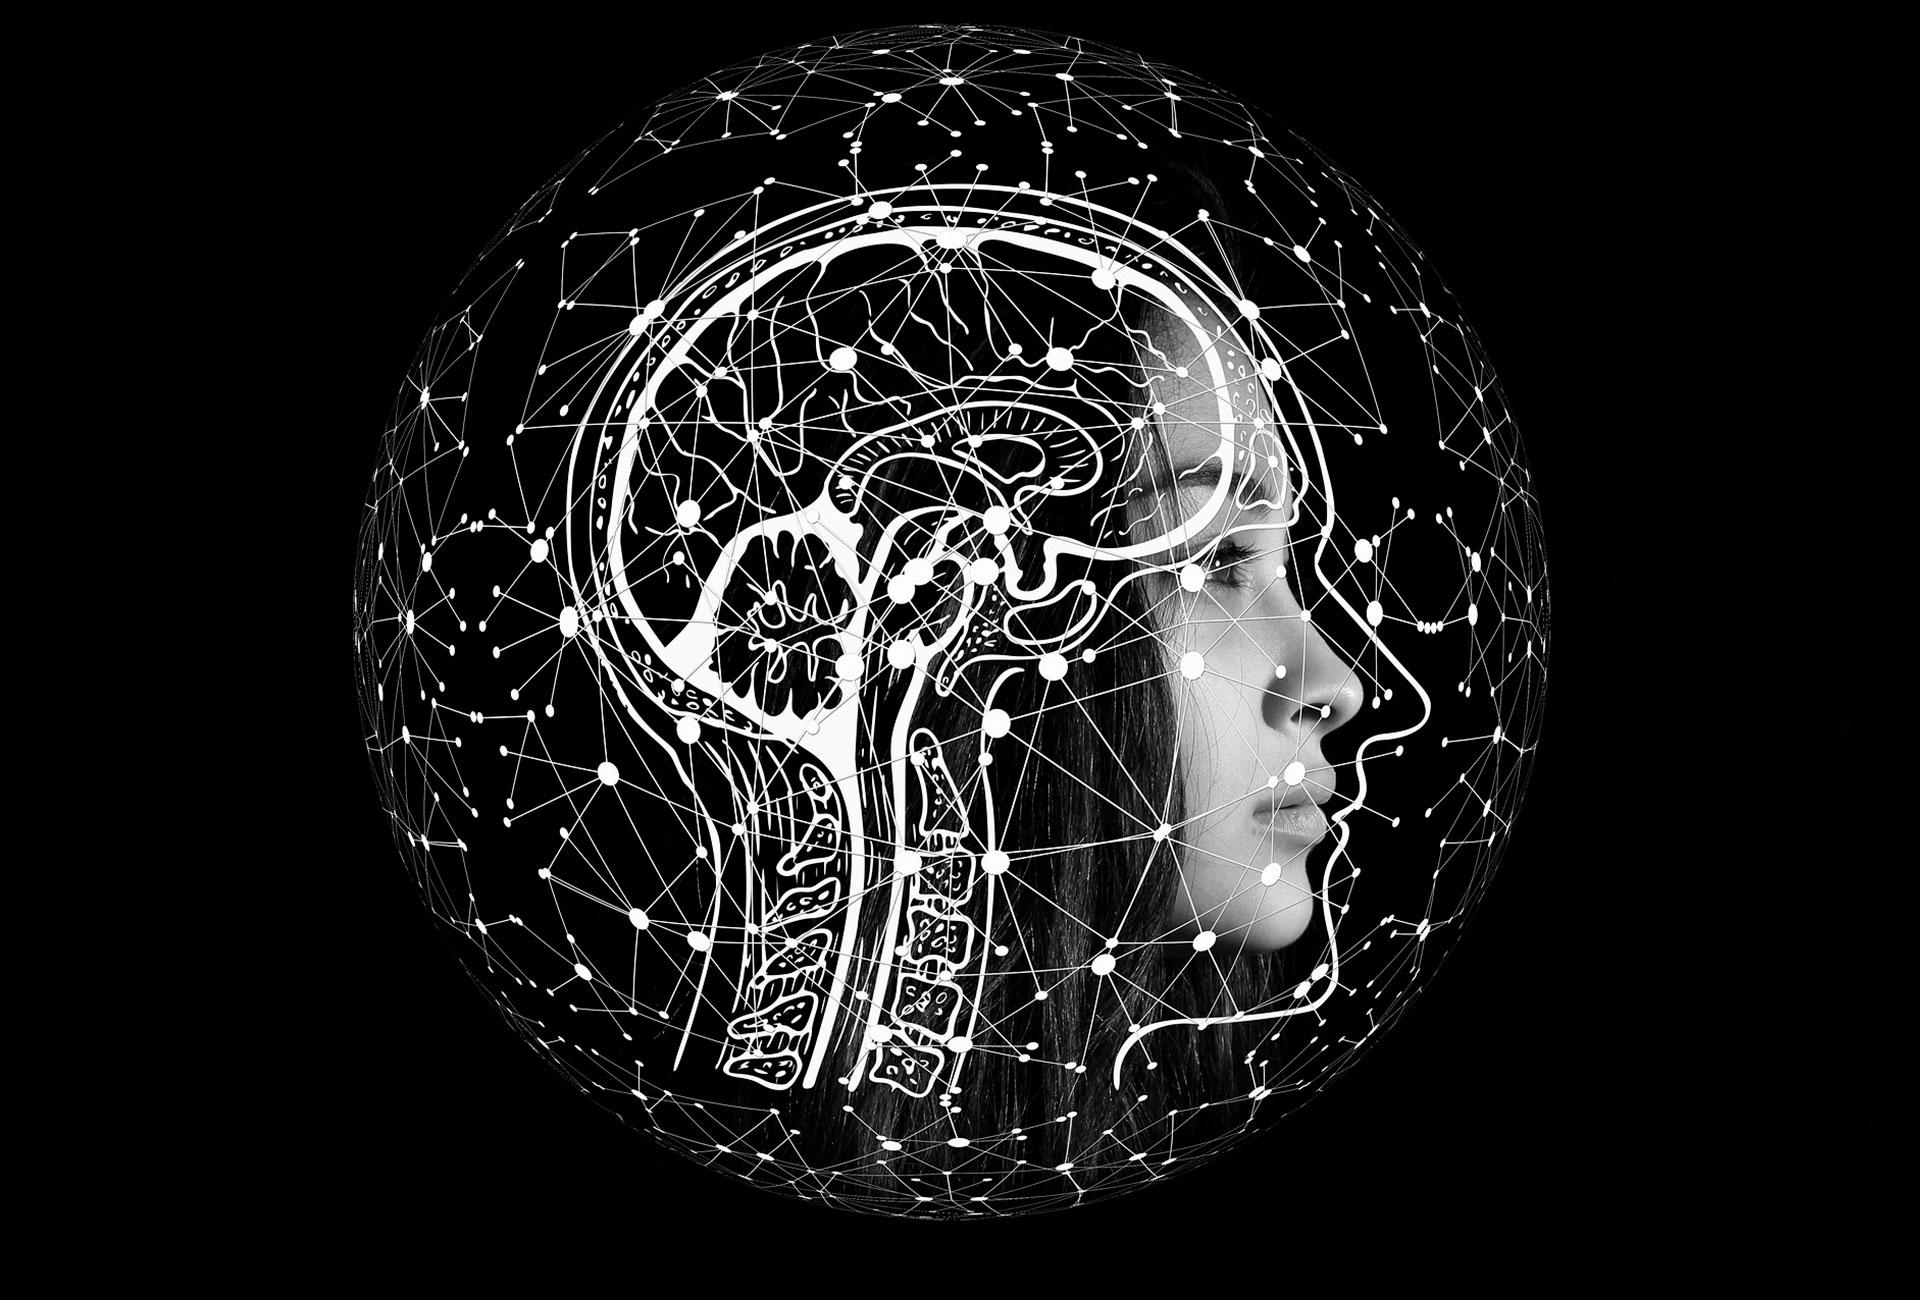 Mitä tekemistä neuropsykologialla on työelämän kanssa?